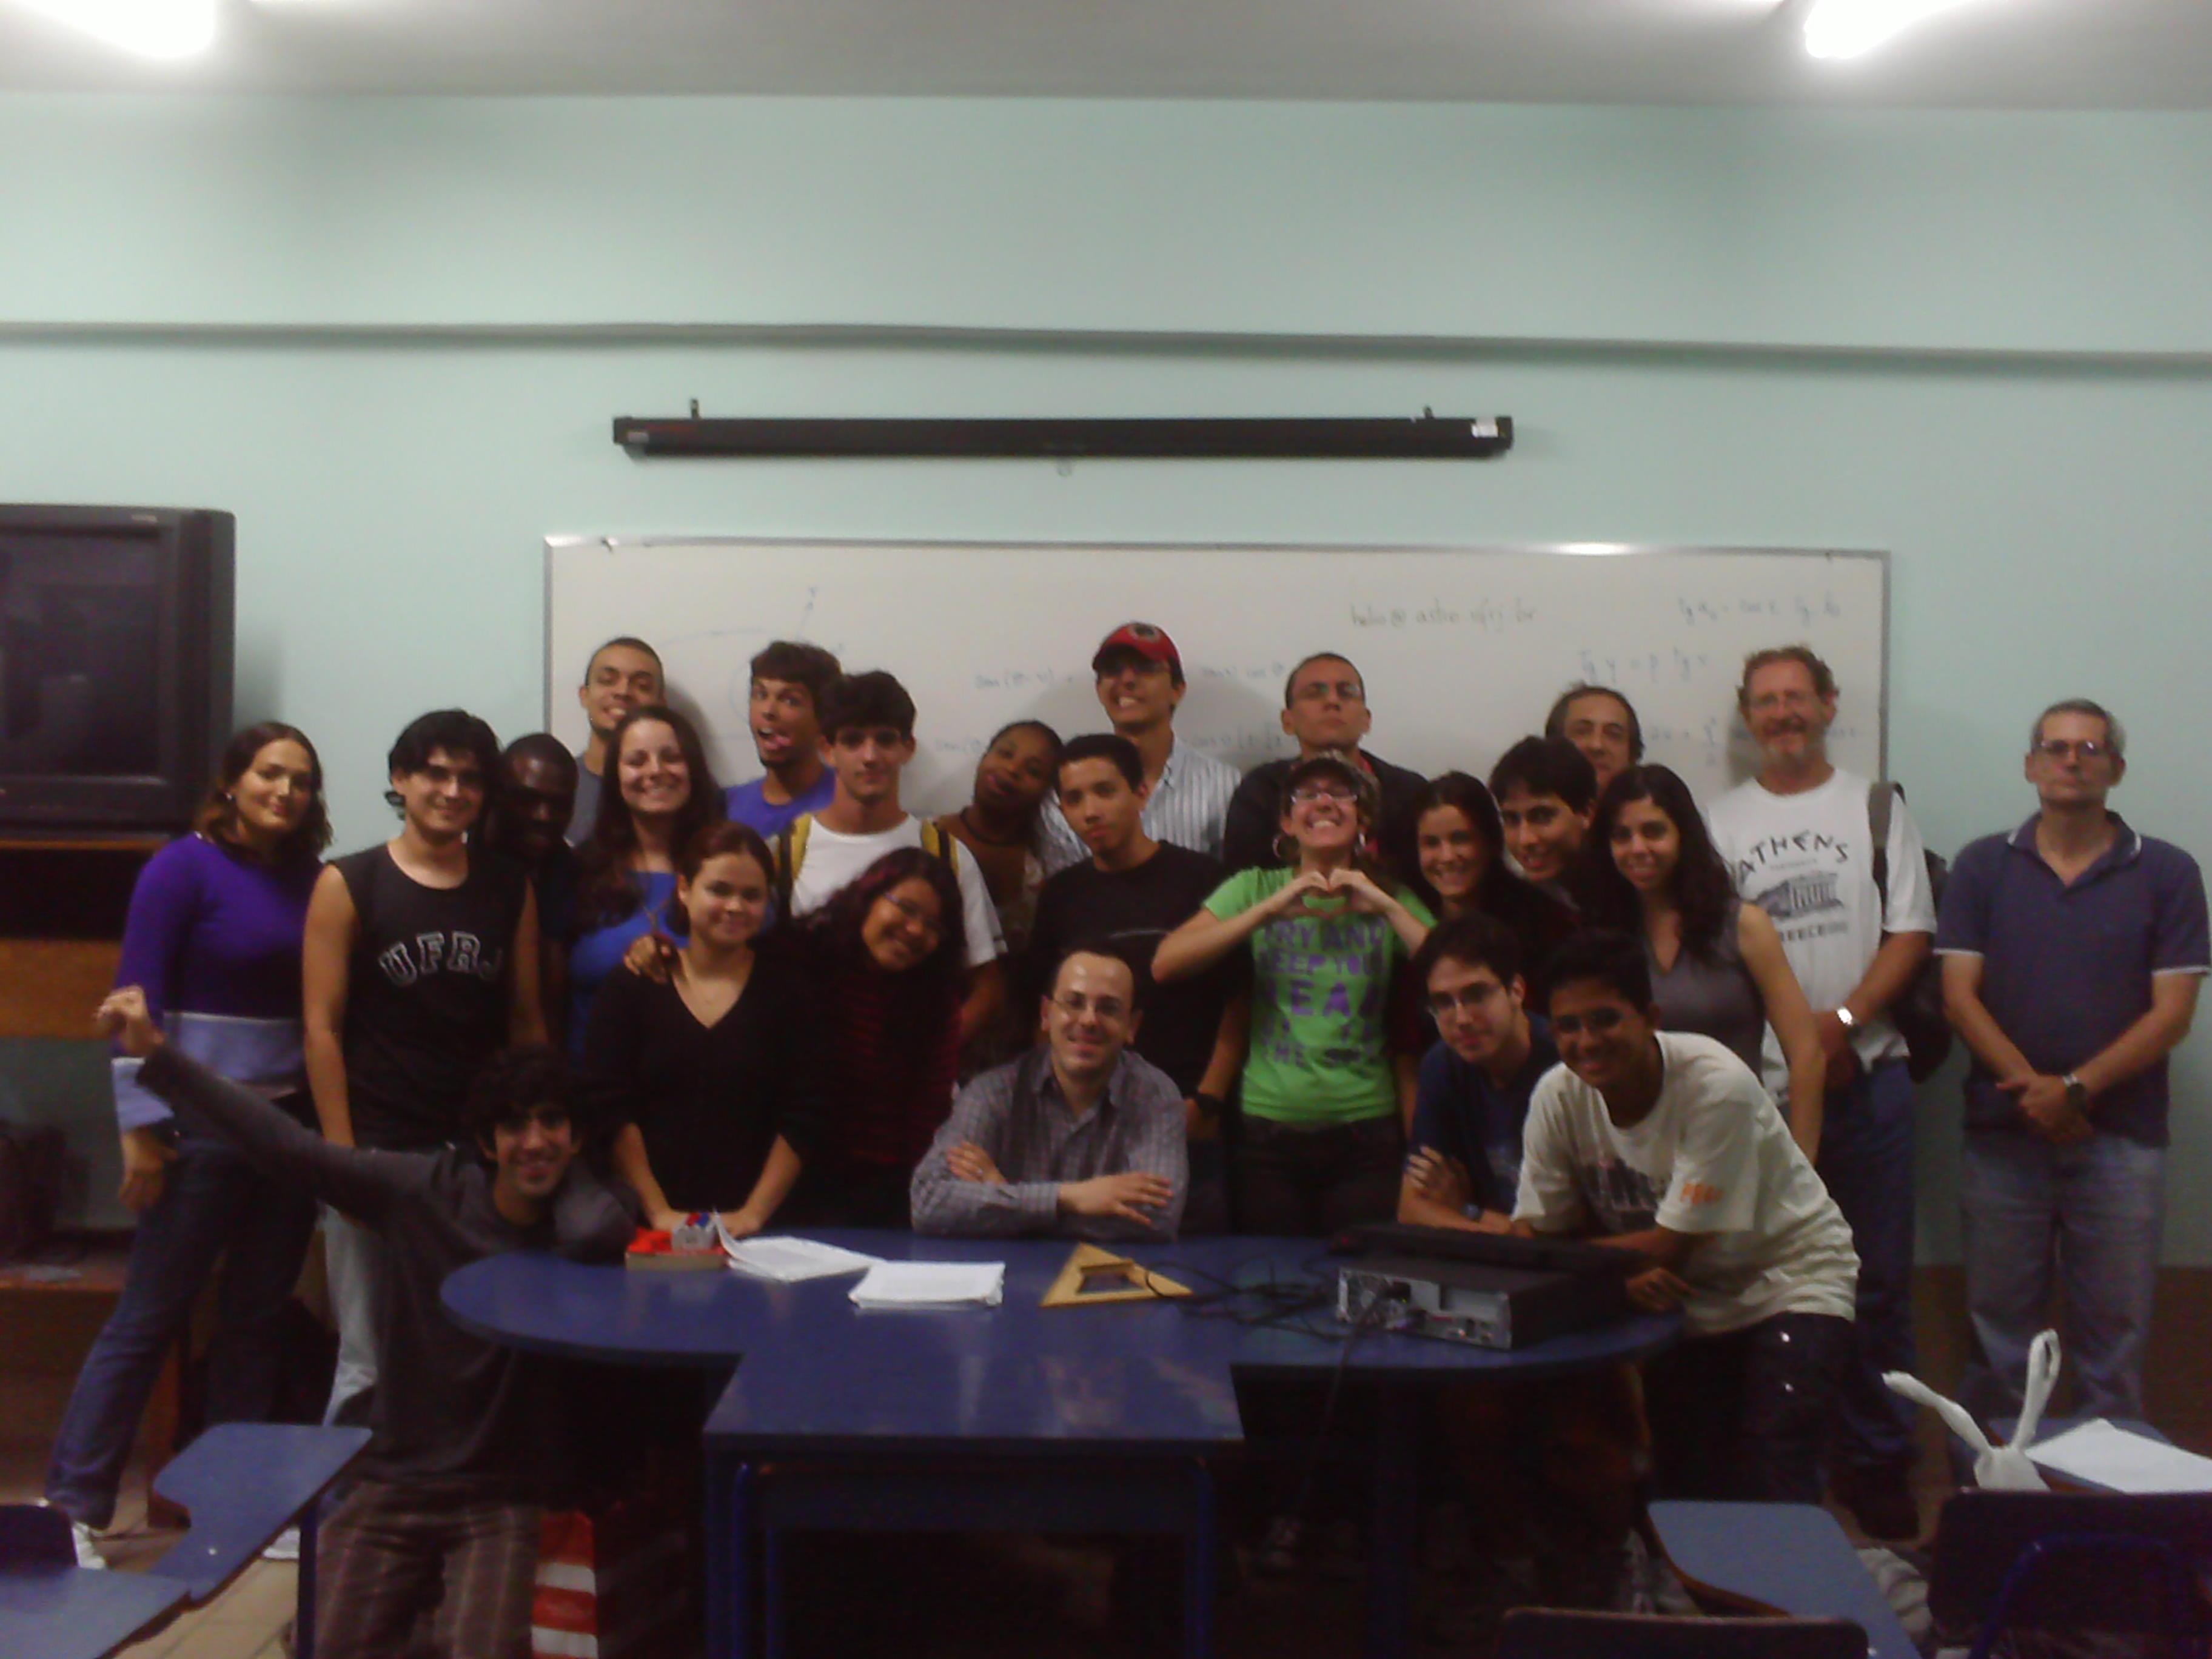 OV/UFRJ, Brazil, 2008